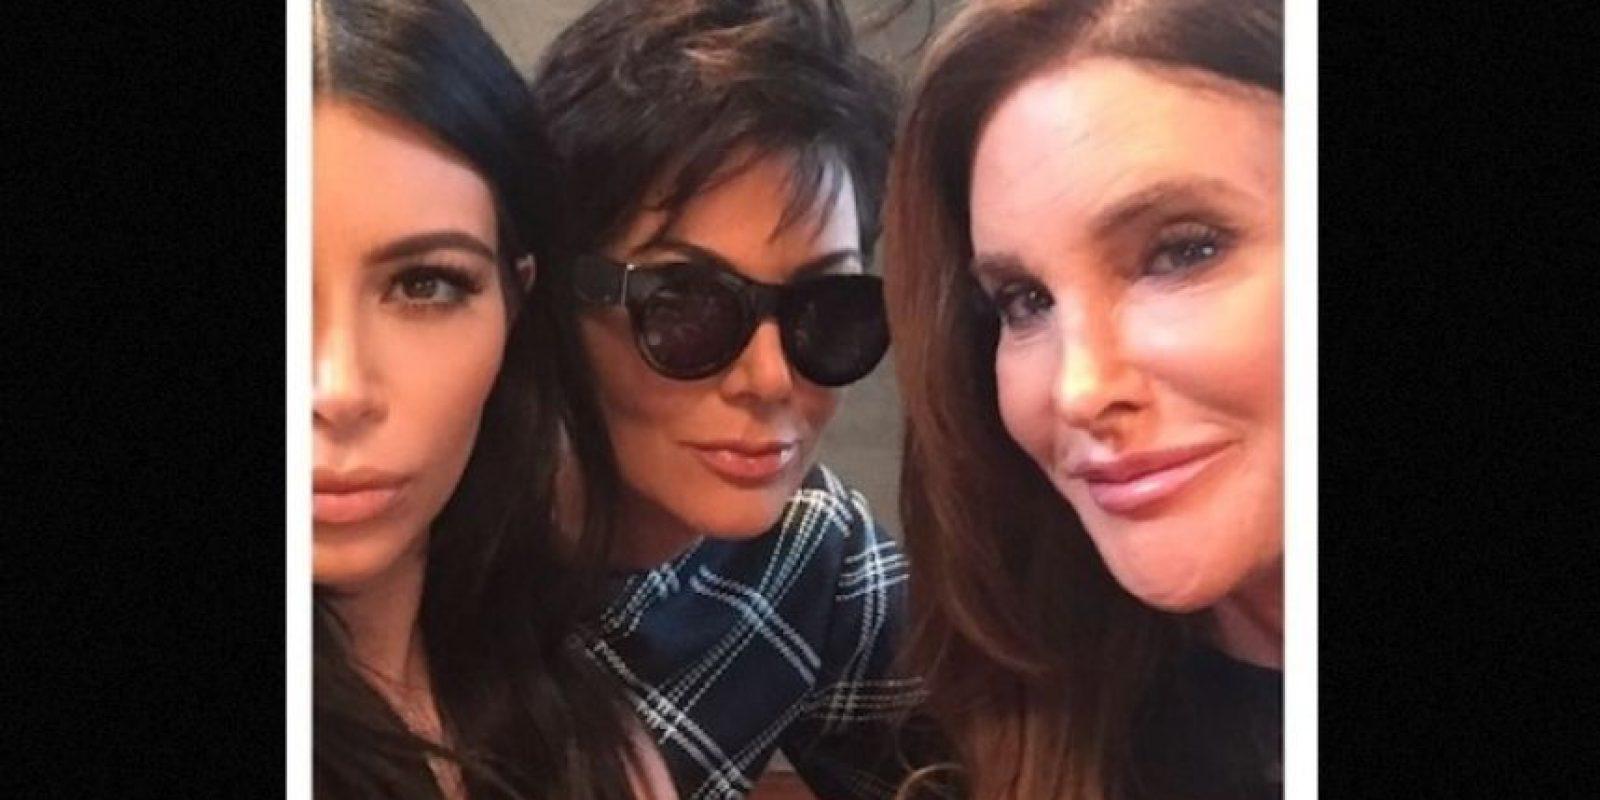 La primer fotografía entre Kris y Caitlyn la compartió Kim Kardashian en la fiesta de cumpleaños de Kylie Jenner Foto:Instagram/KimKardashian